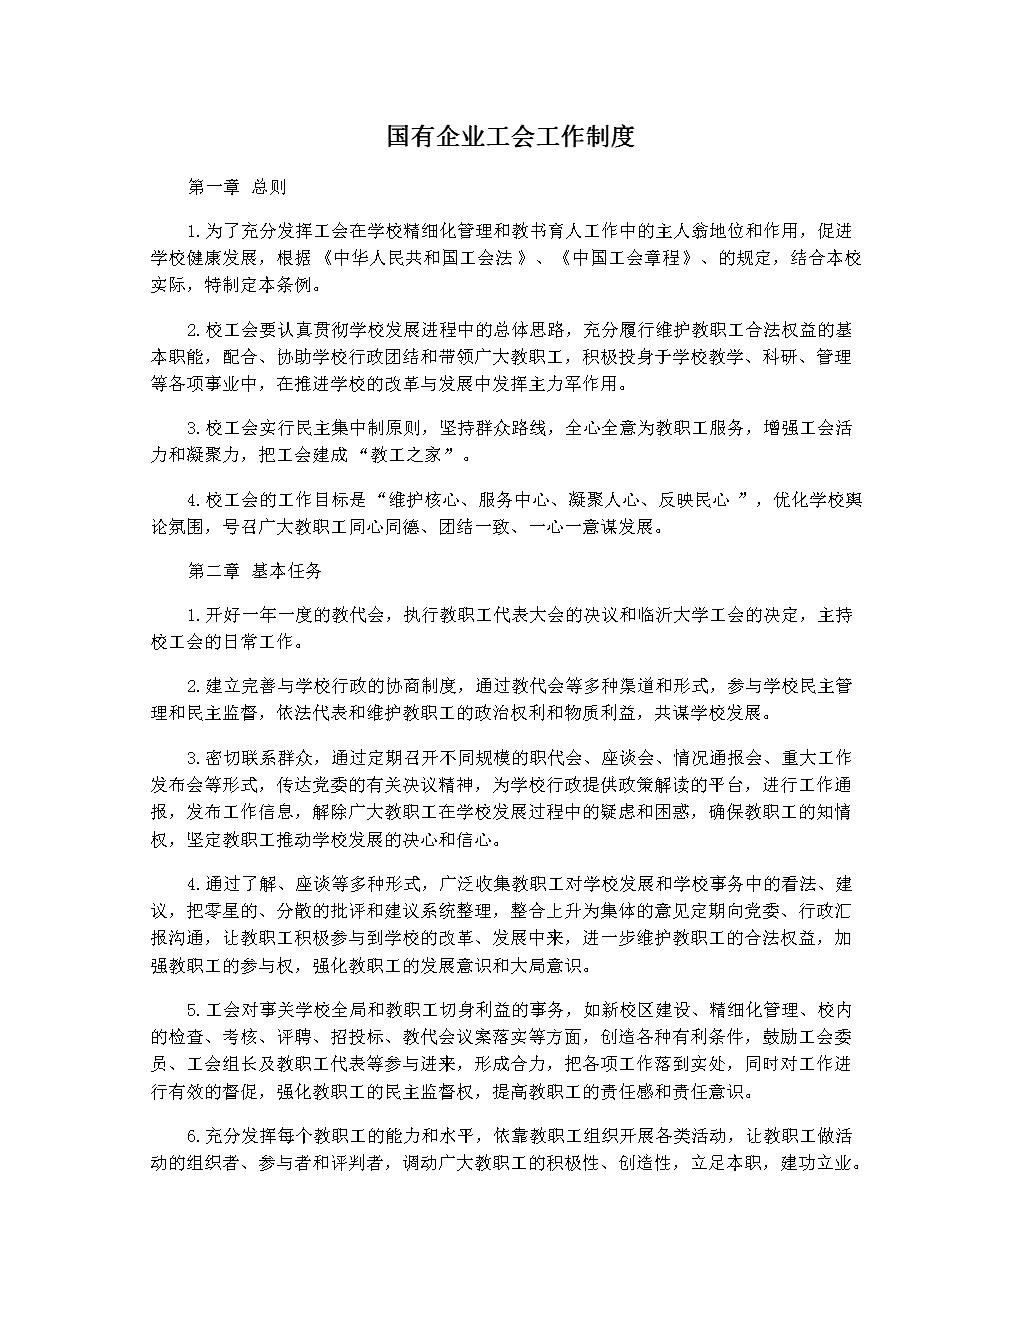 国有企业工会工作制度.docx